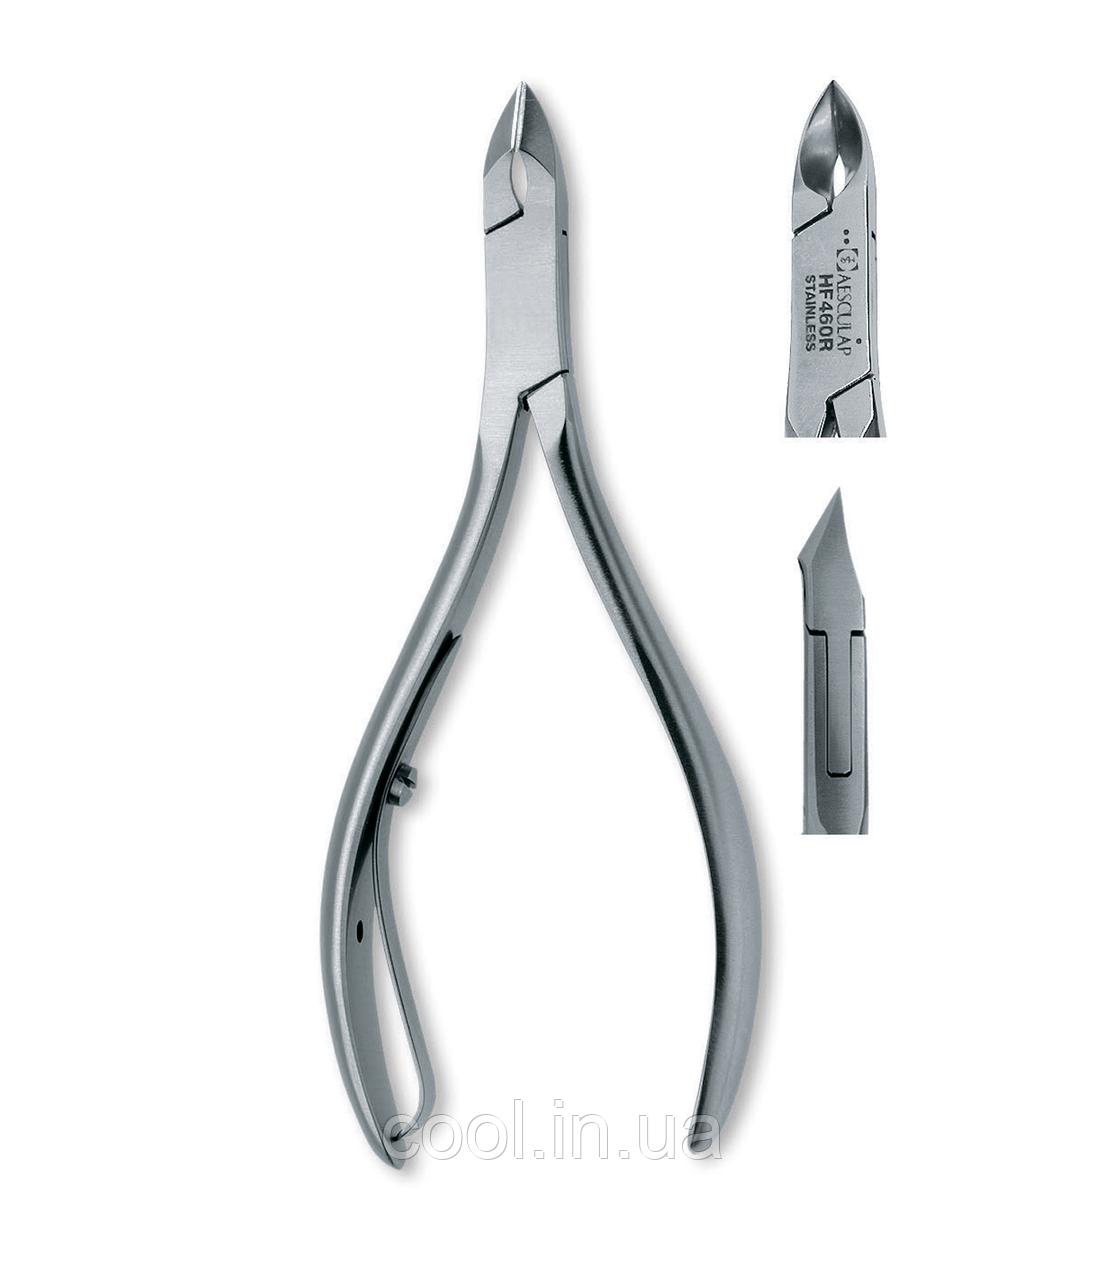 Щипцы для кожи, лезвие 4 мм., инструментальная сталь, 10 см